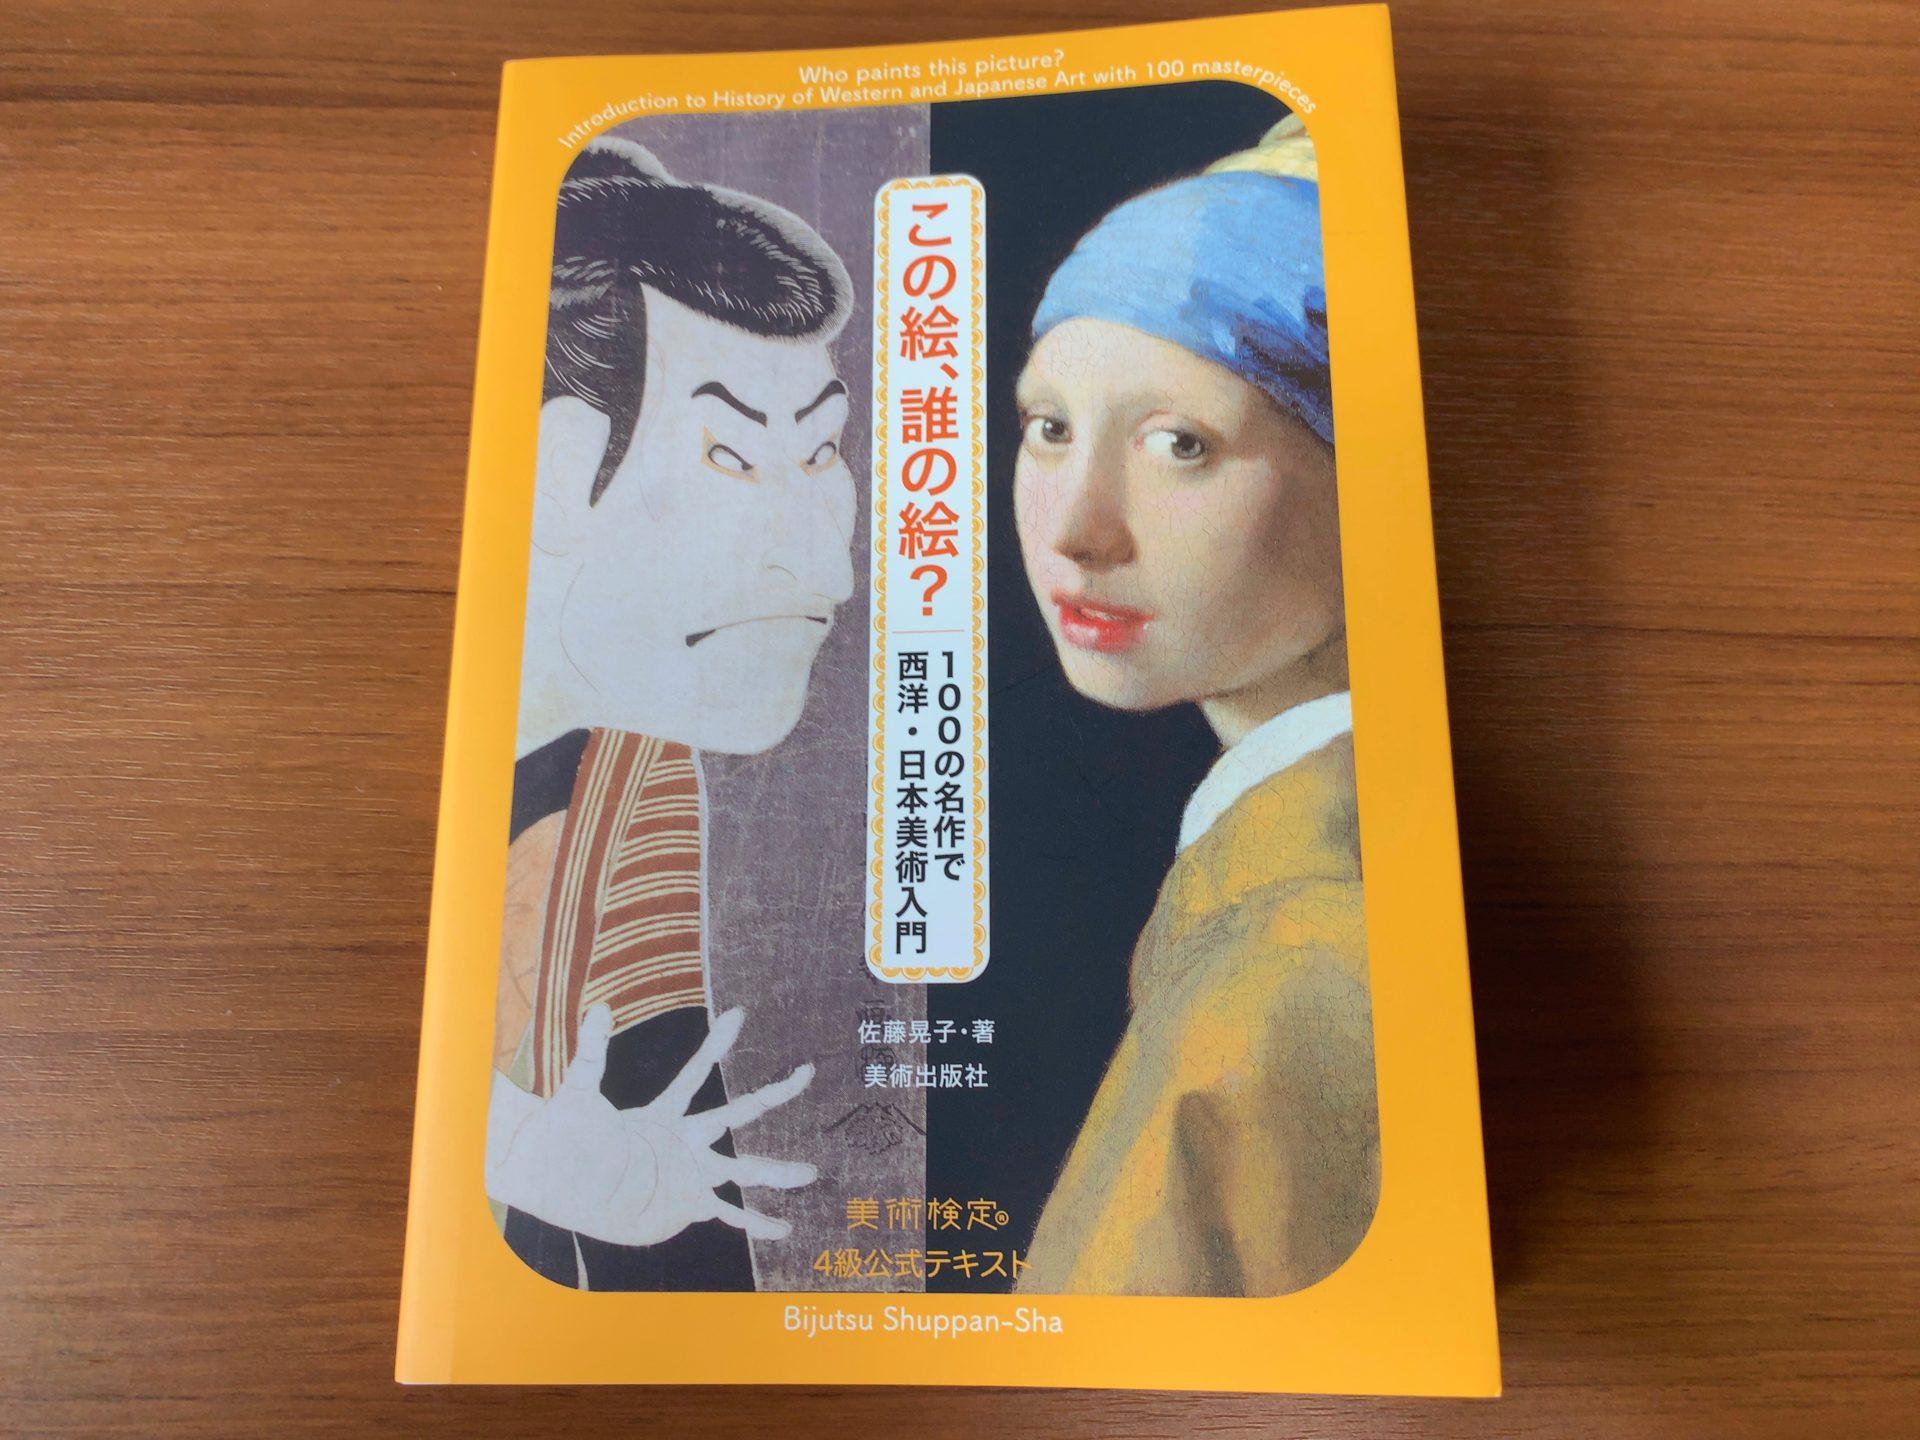 美術検定4級公式テキスト「この絵、誰の絵? 100の名作で西洋・日本美術入門」